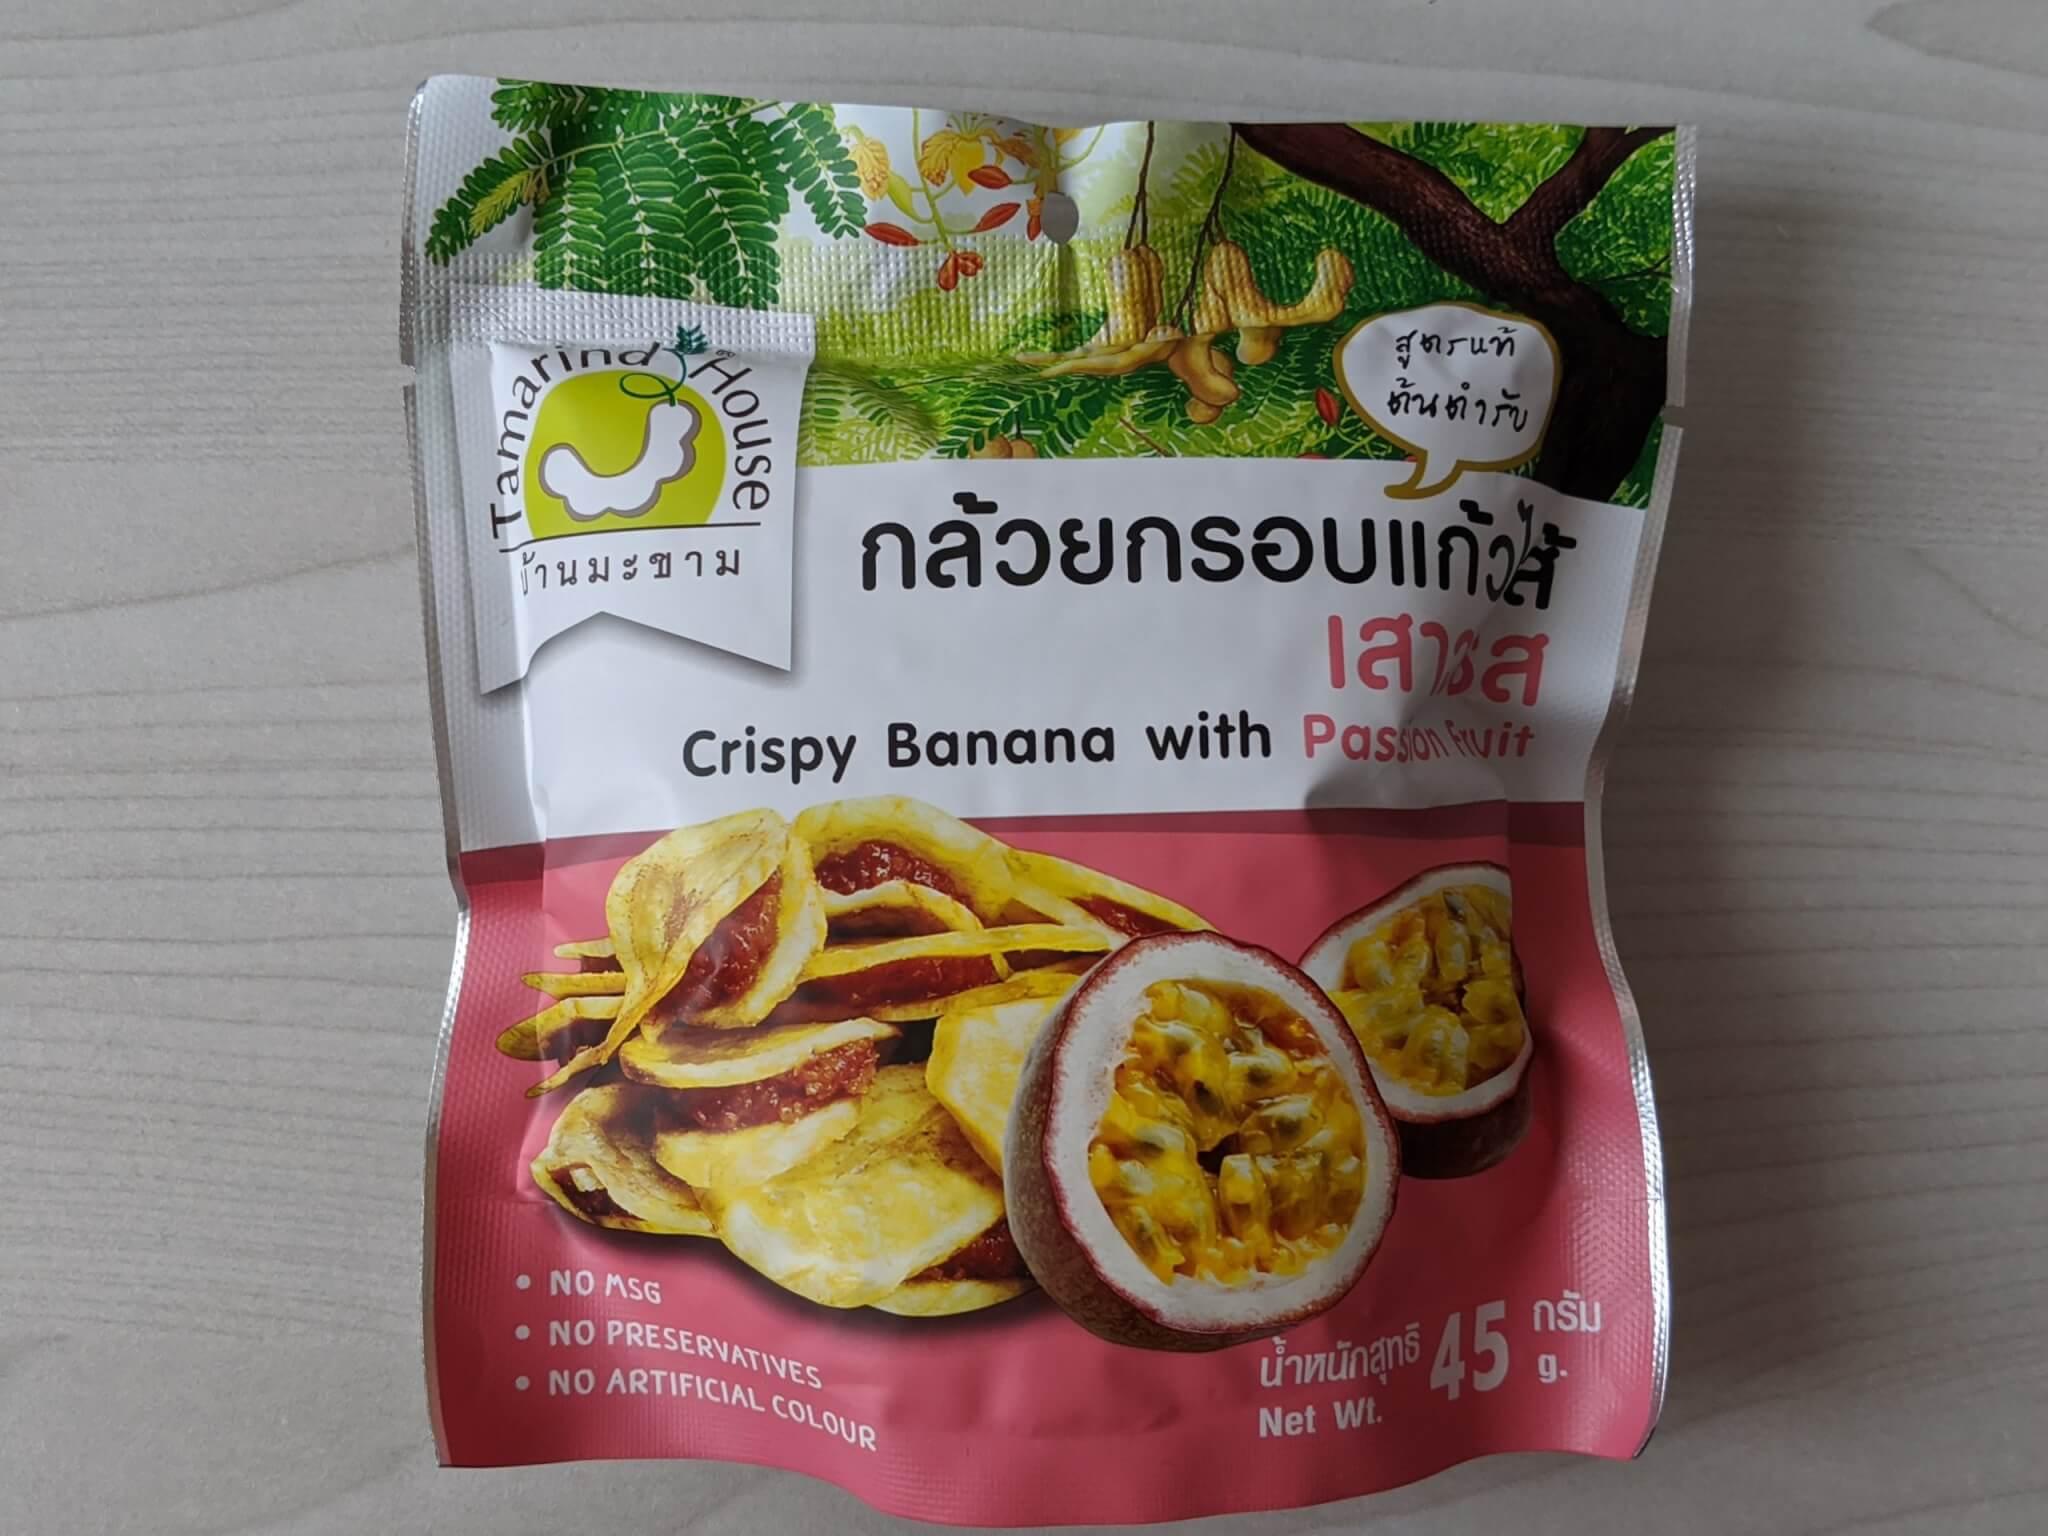 タマリンドハウス バナナチップサンド パッションフルーツ